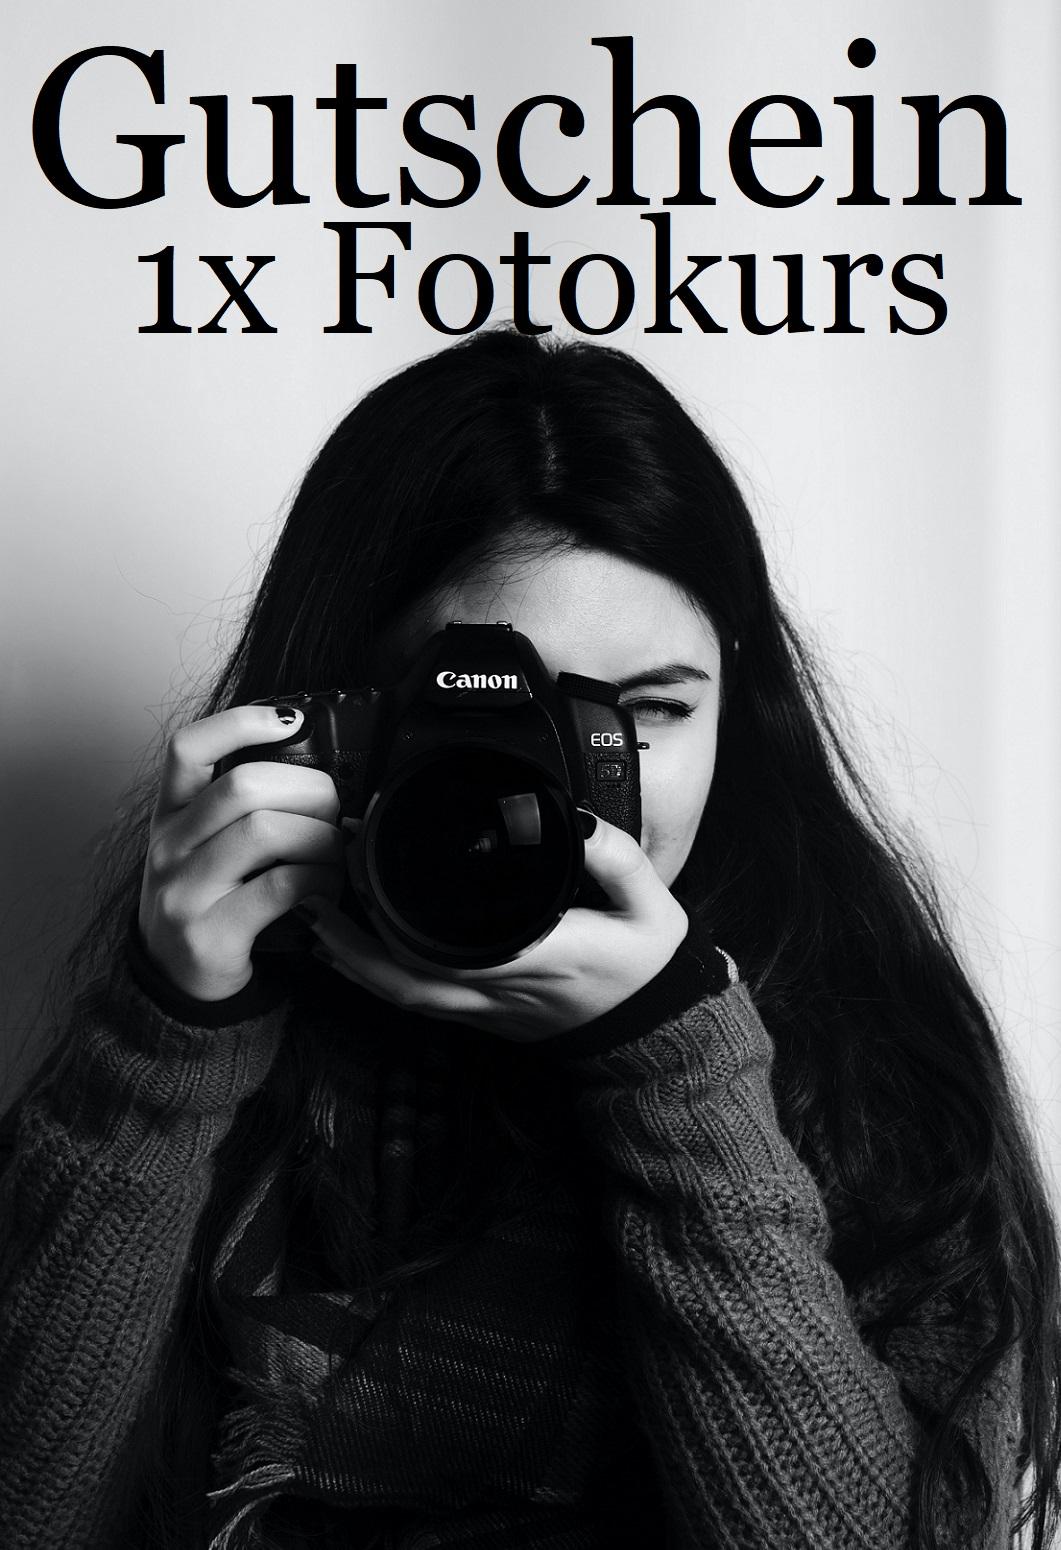 Gutscheinvorlage für Fotokurse